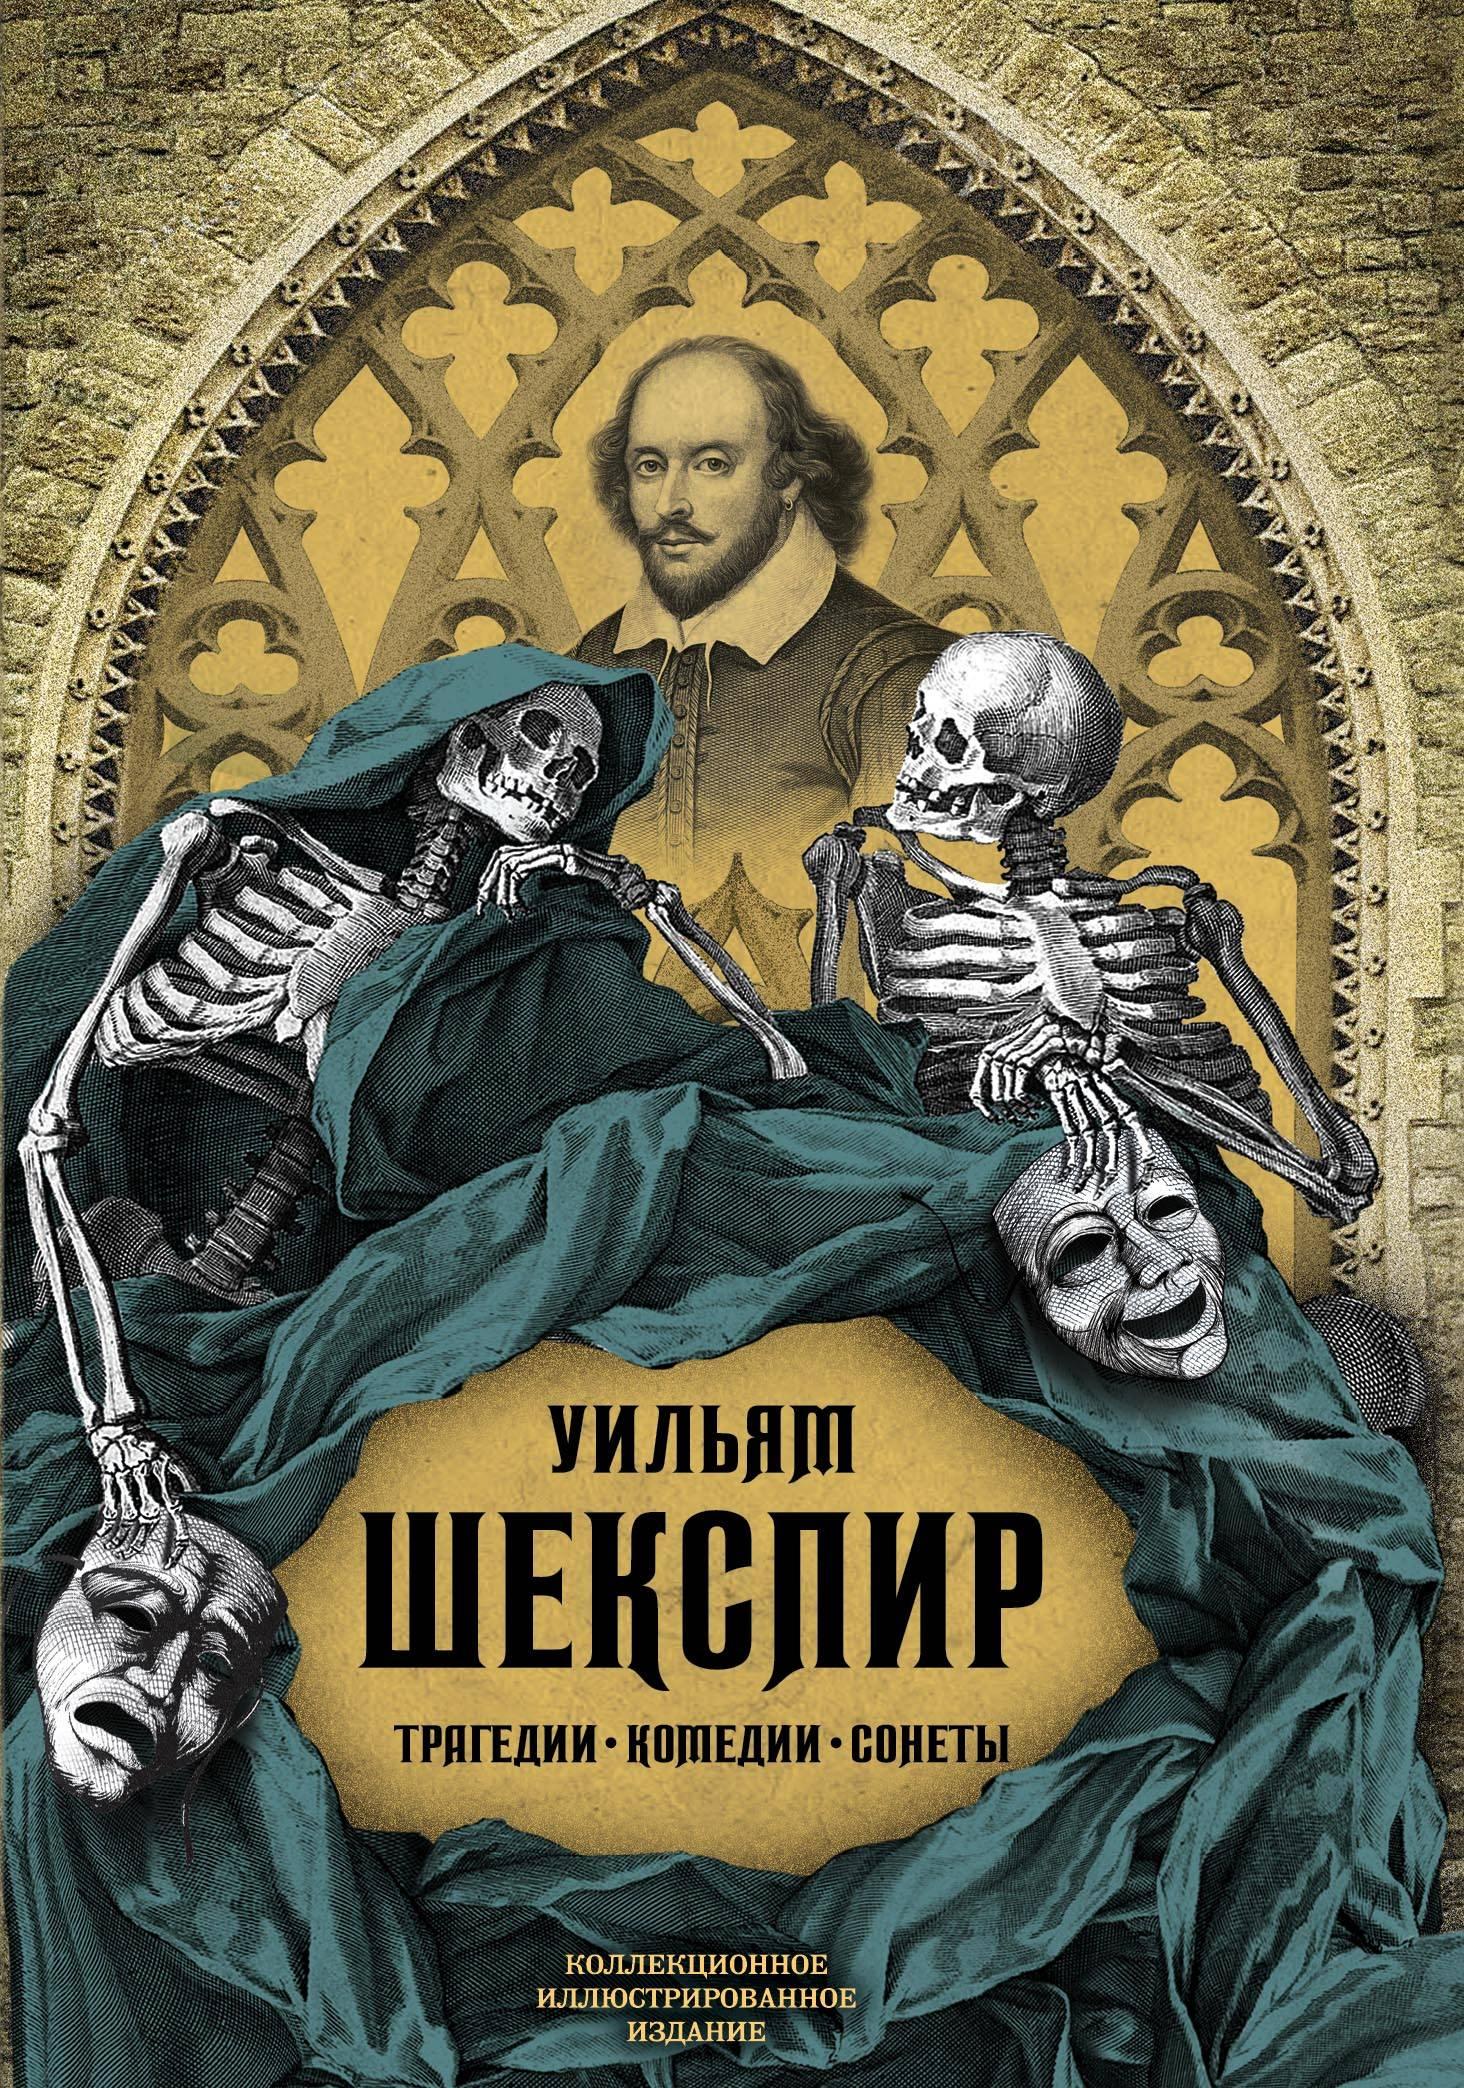 Уильям Шекспир. Трагедии. Комедии. Сонеты